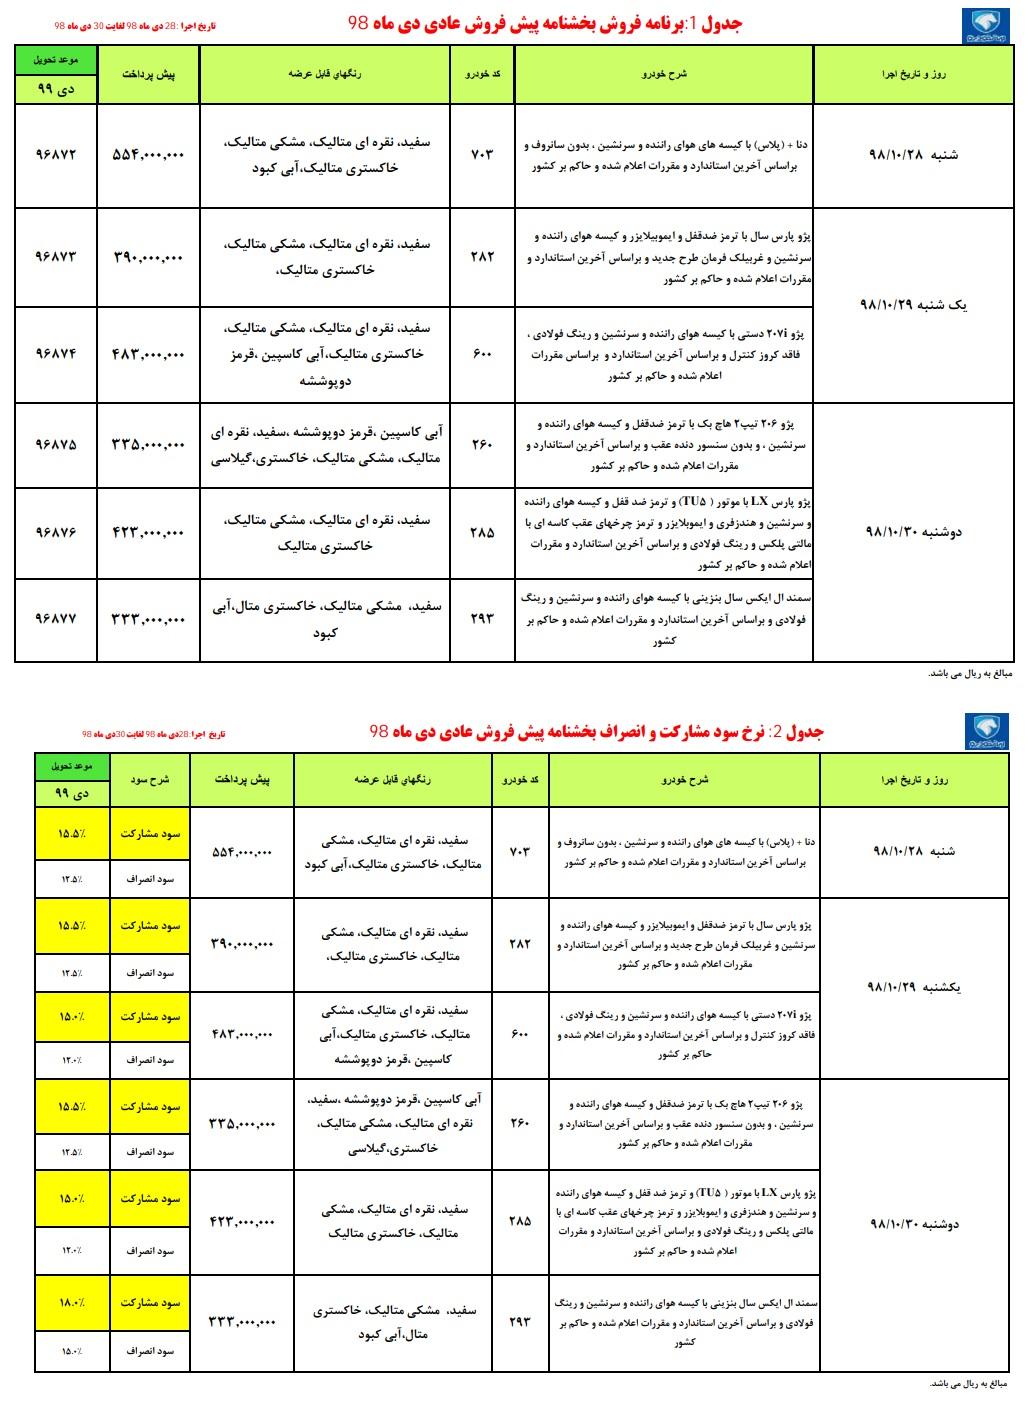 پیش فروش ایران خودرو از شنبه 28 دی 98 لغایت دوشنبه 30 دی 98